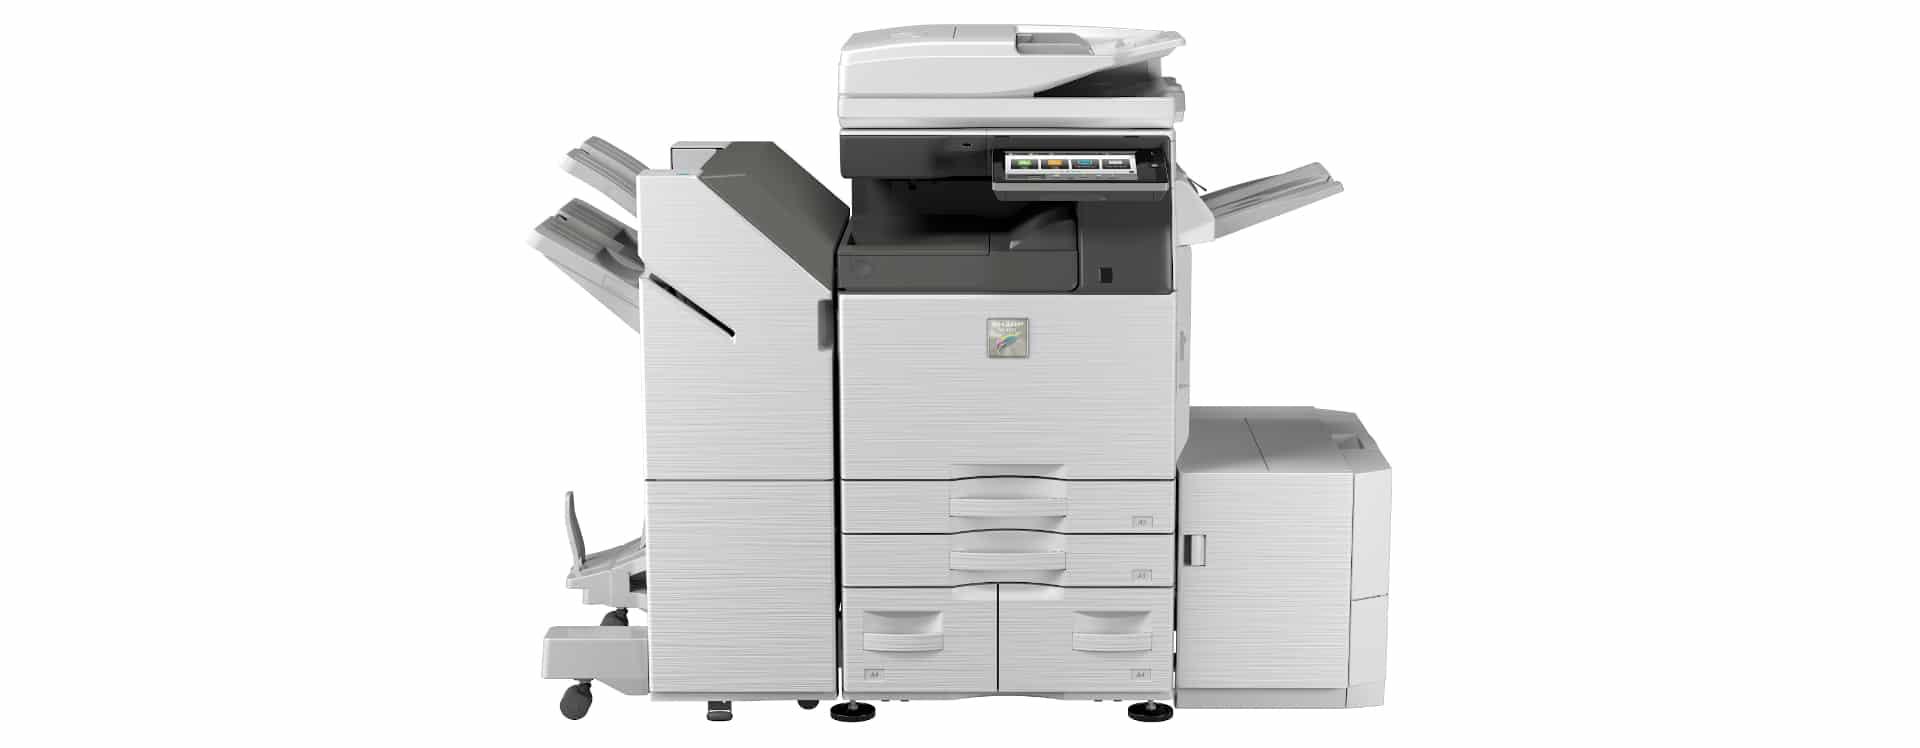 Druck- und Kopiersysteme